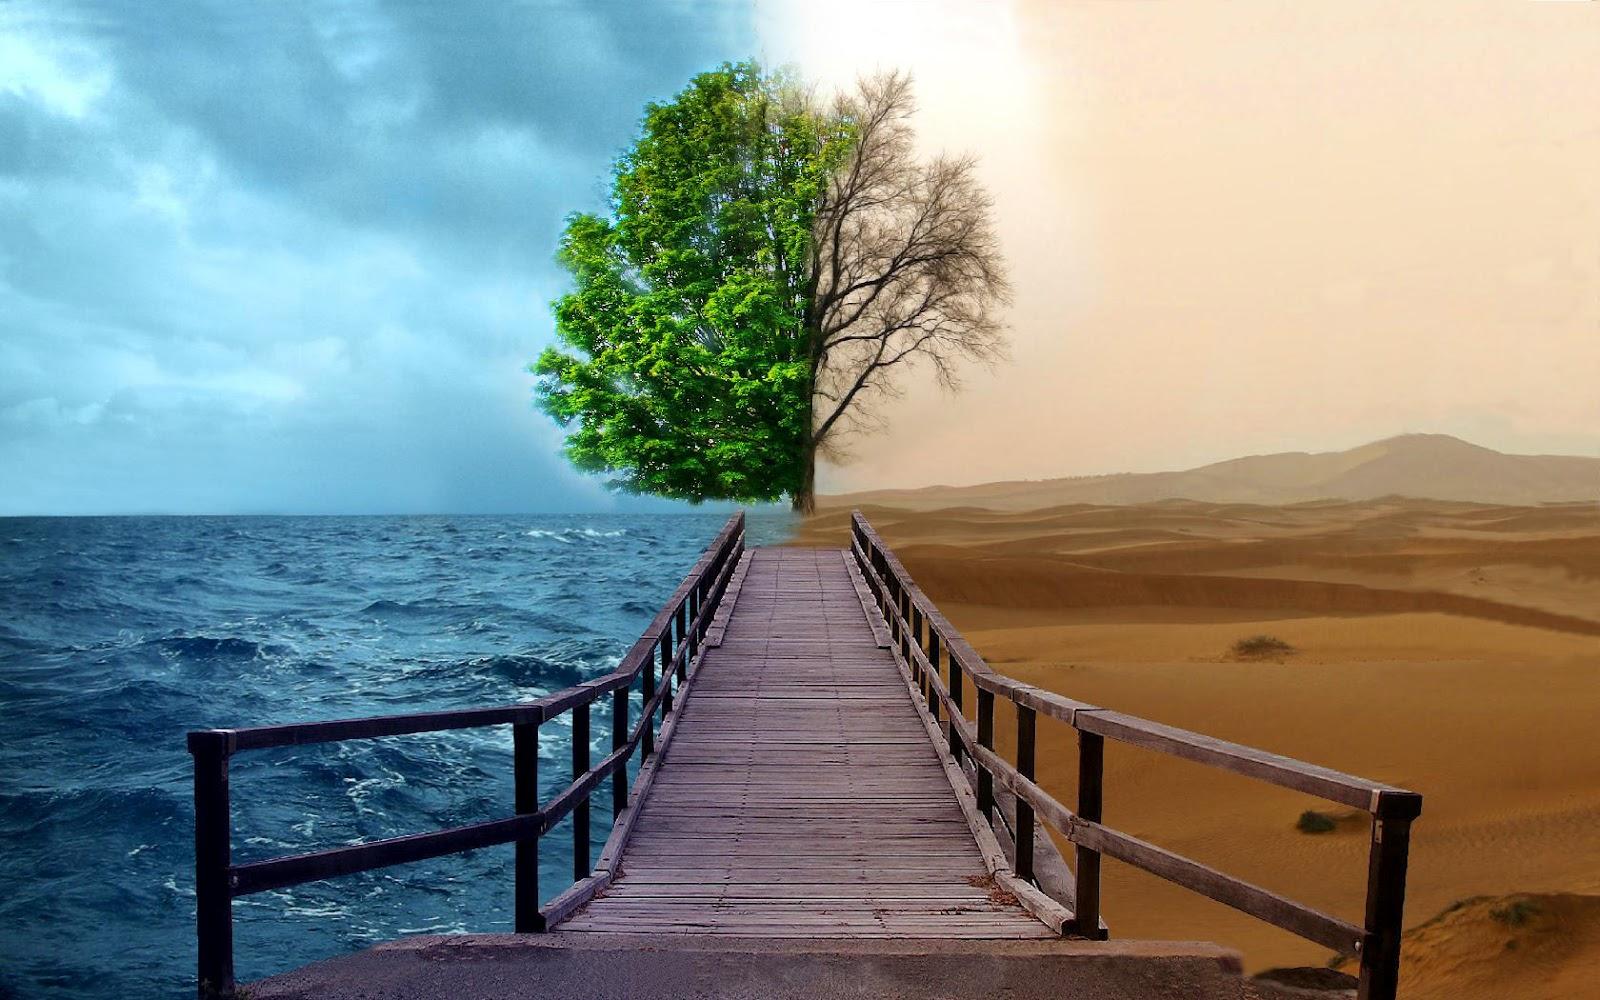 wallpapers hd desktop wallpapers free online desktop backgrounds